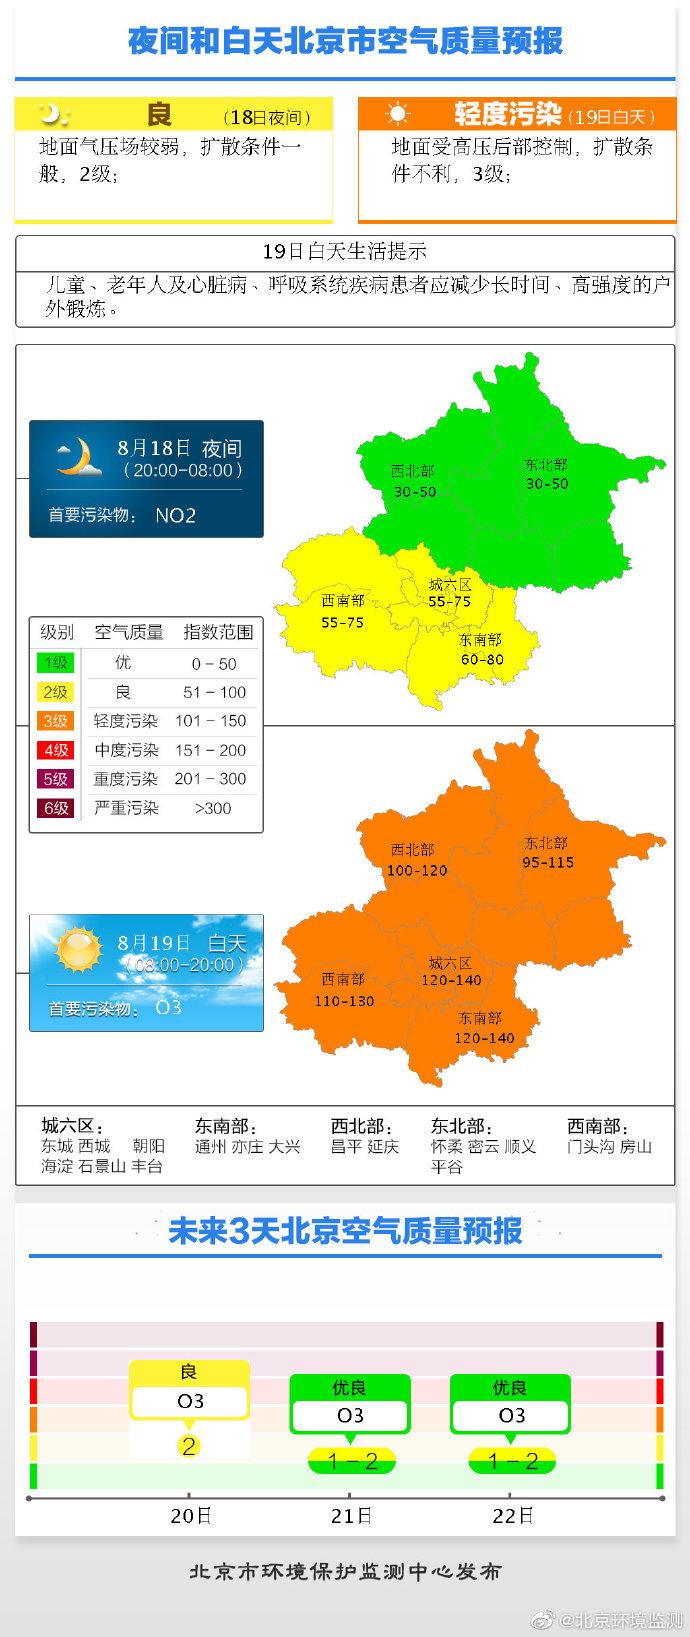 北京环境监测发布北京空气质量预报